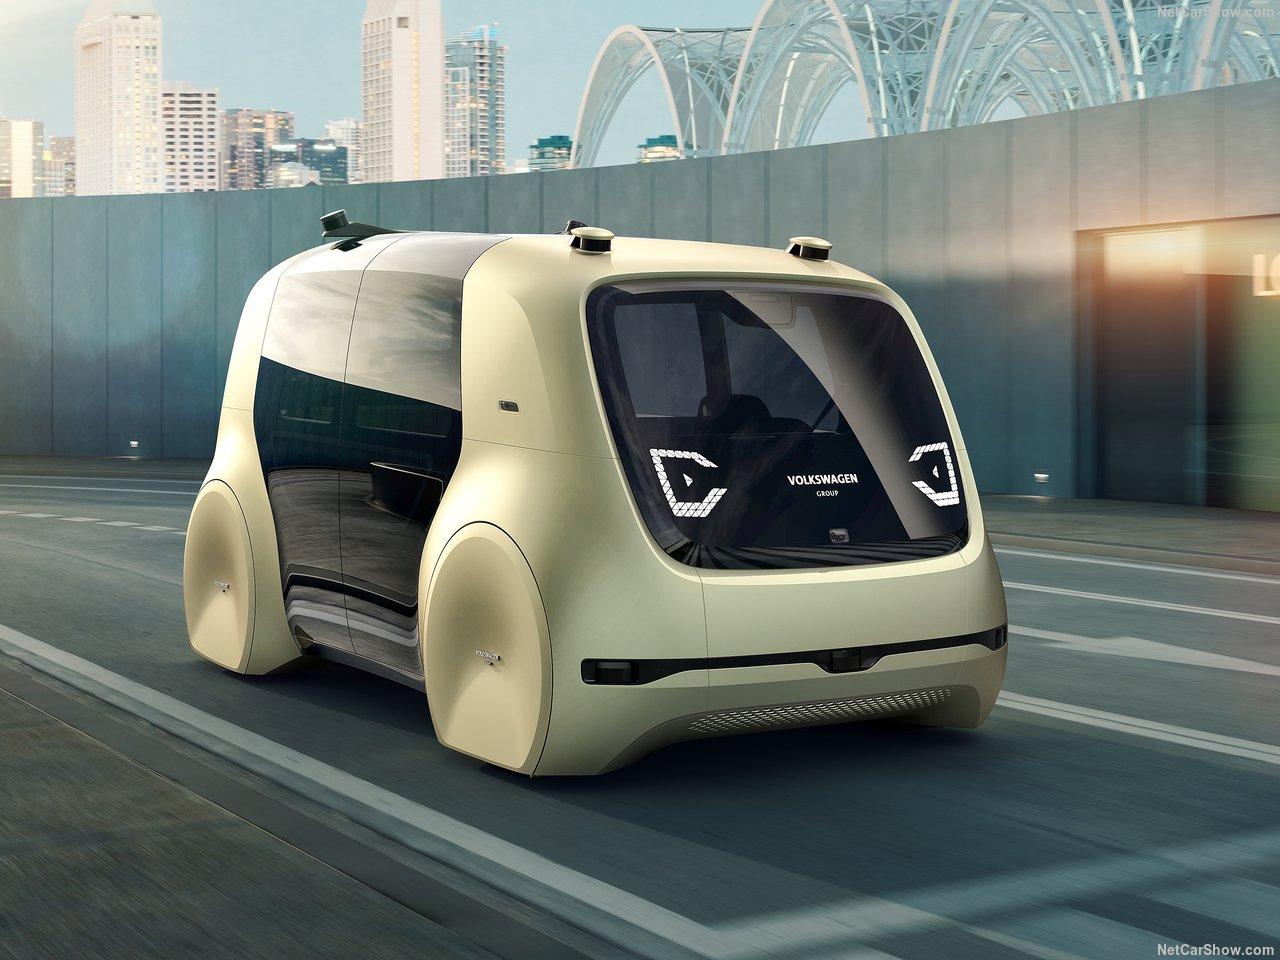 Volkswagen Sedric fully autonomous concept